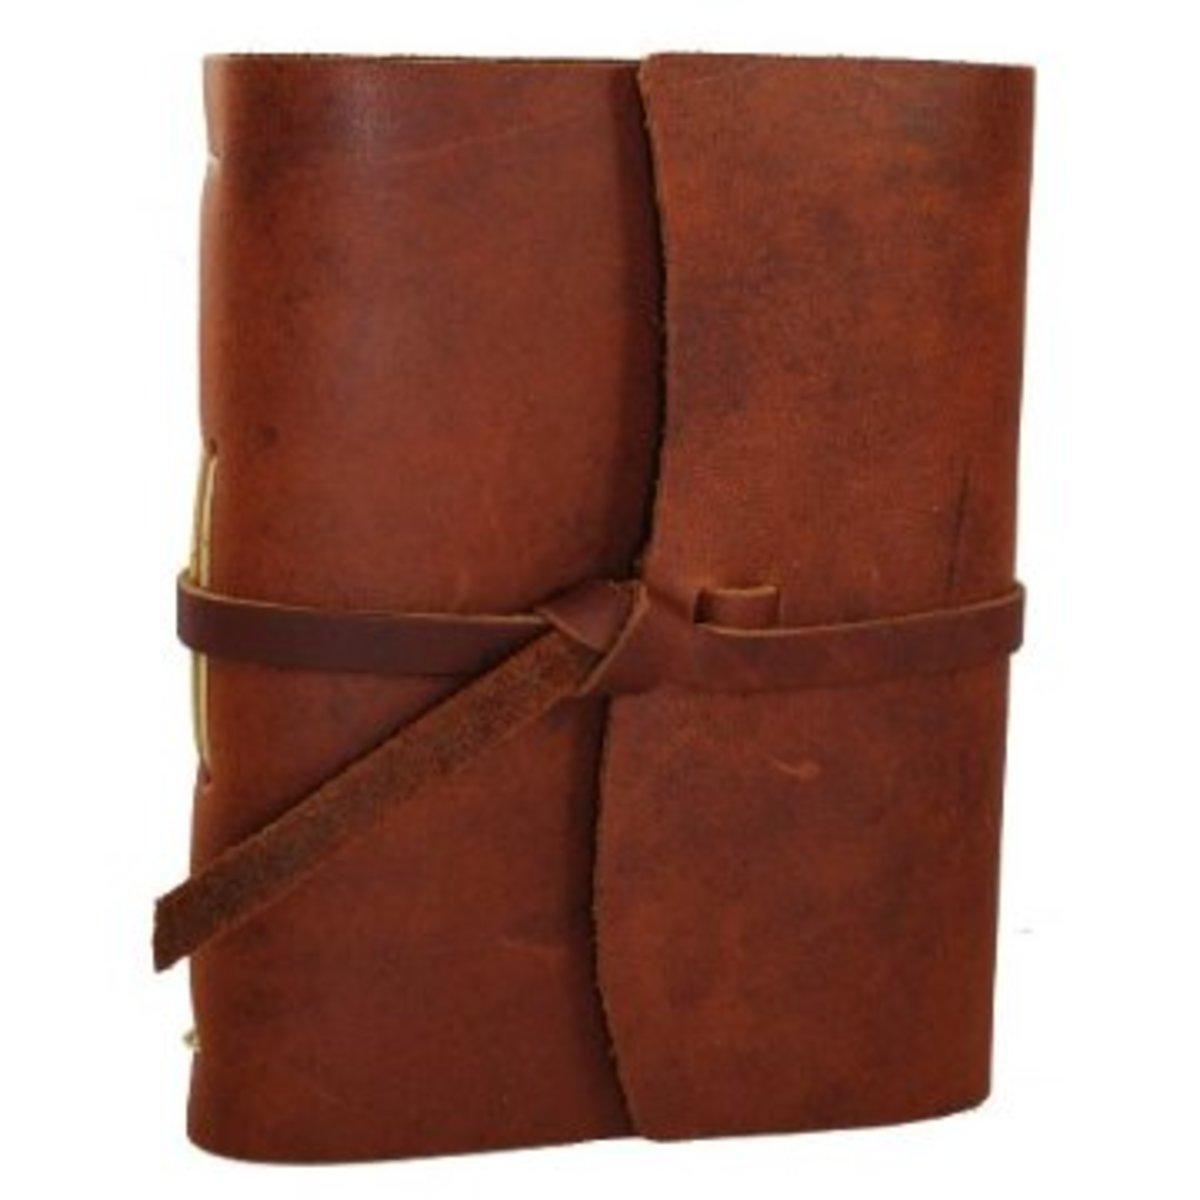 leather-bound-journals